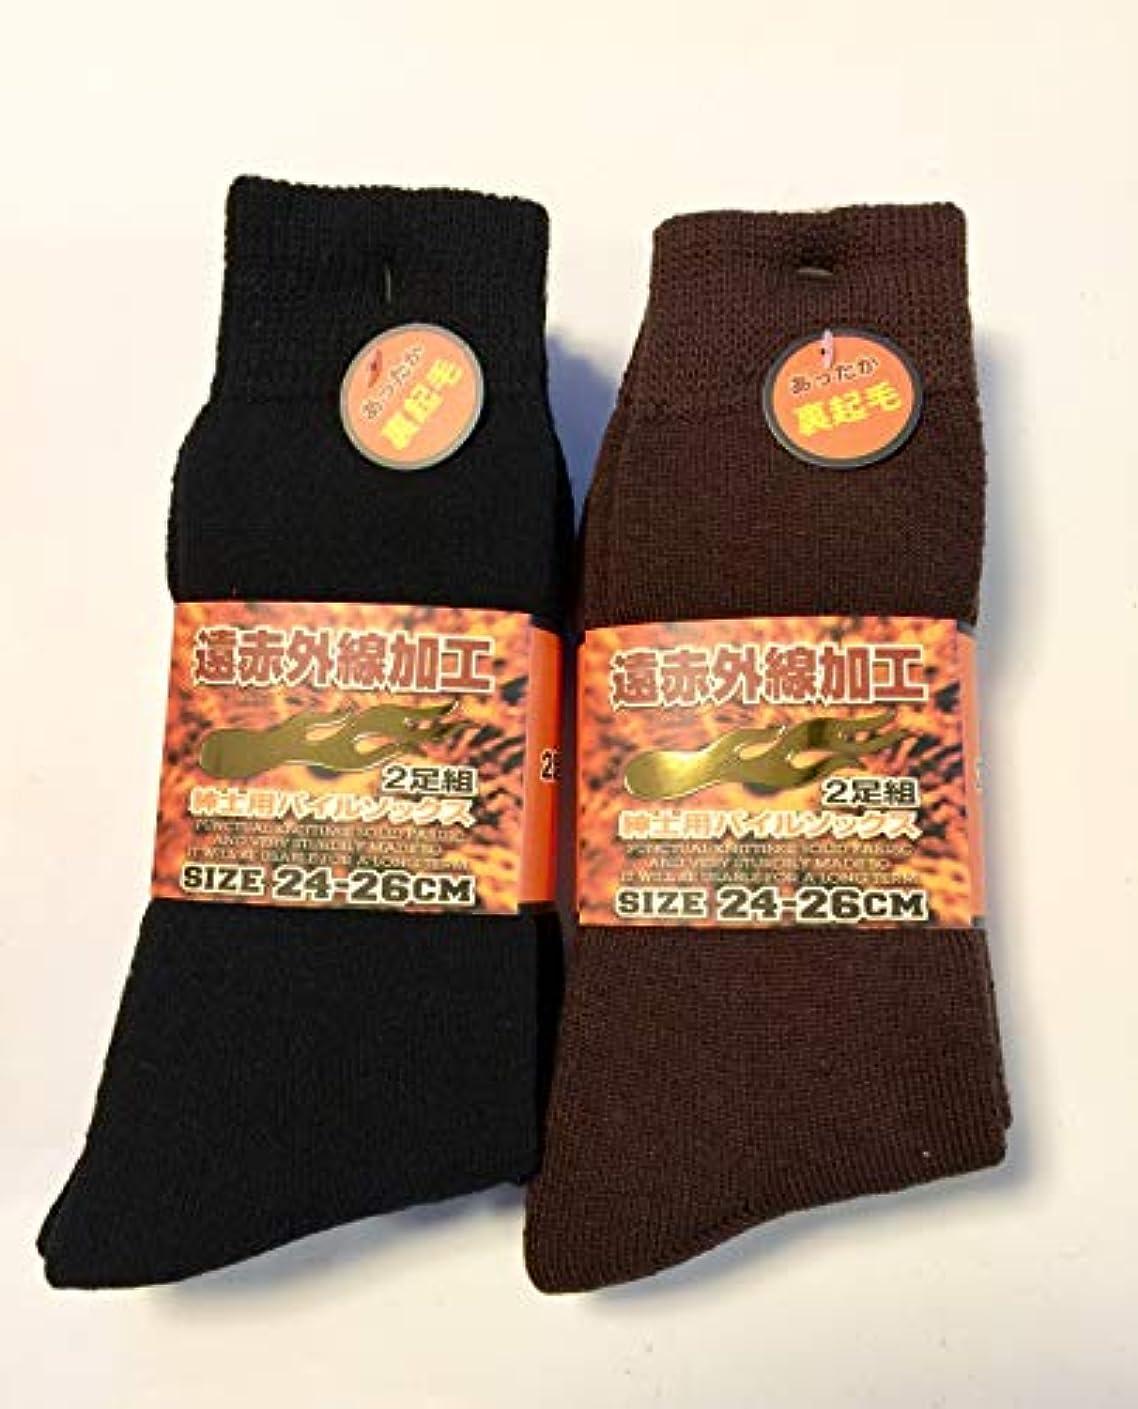 常習的専門用語スリッパ靴下 メンズ あったか 裏起毛パイルソックス 保温力抜群 遠赤外線加工 24-26cm 4足組 (色はお任せ)